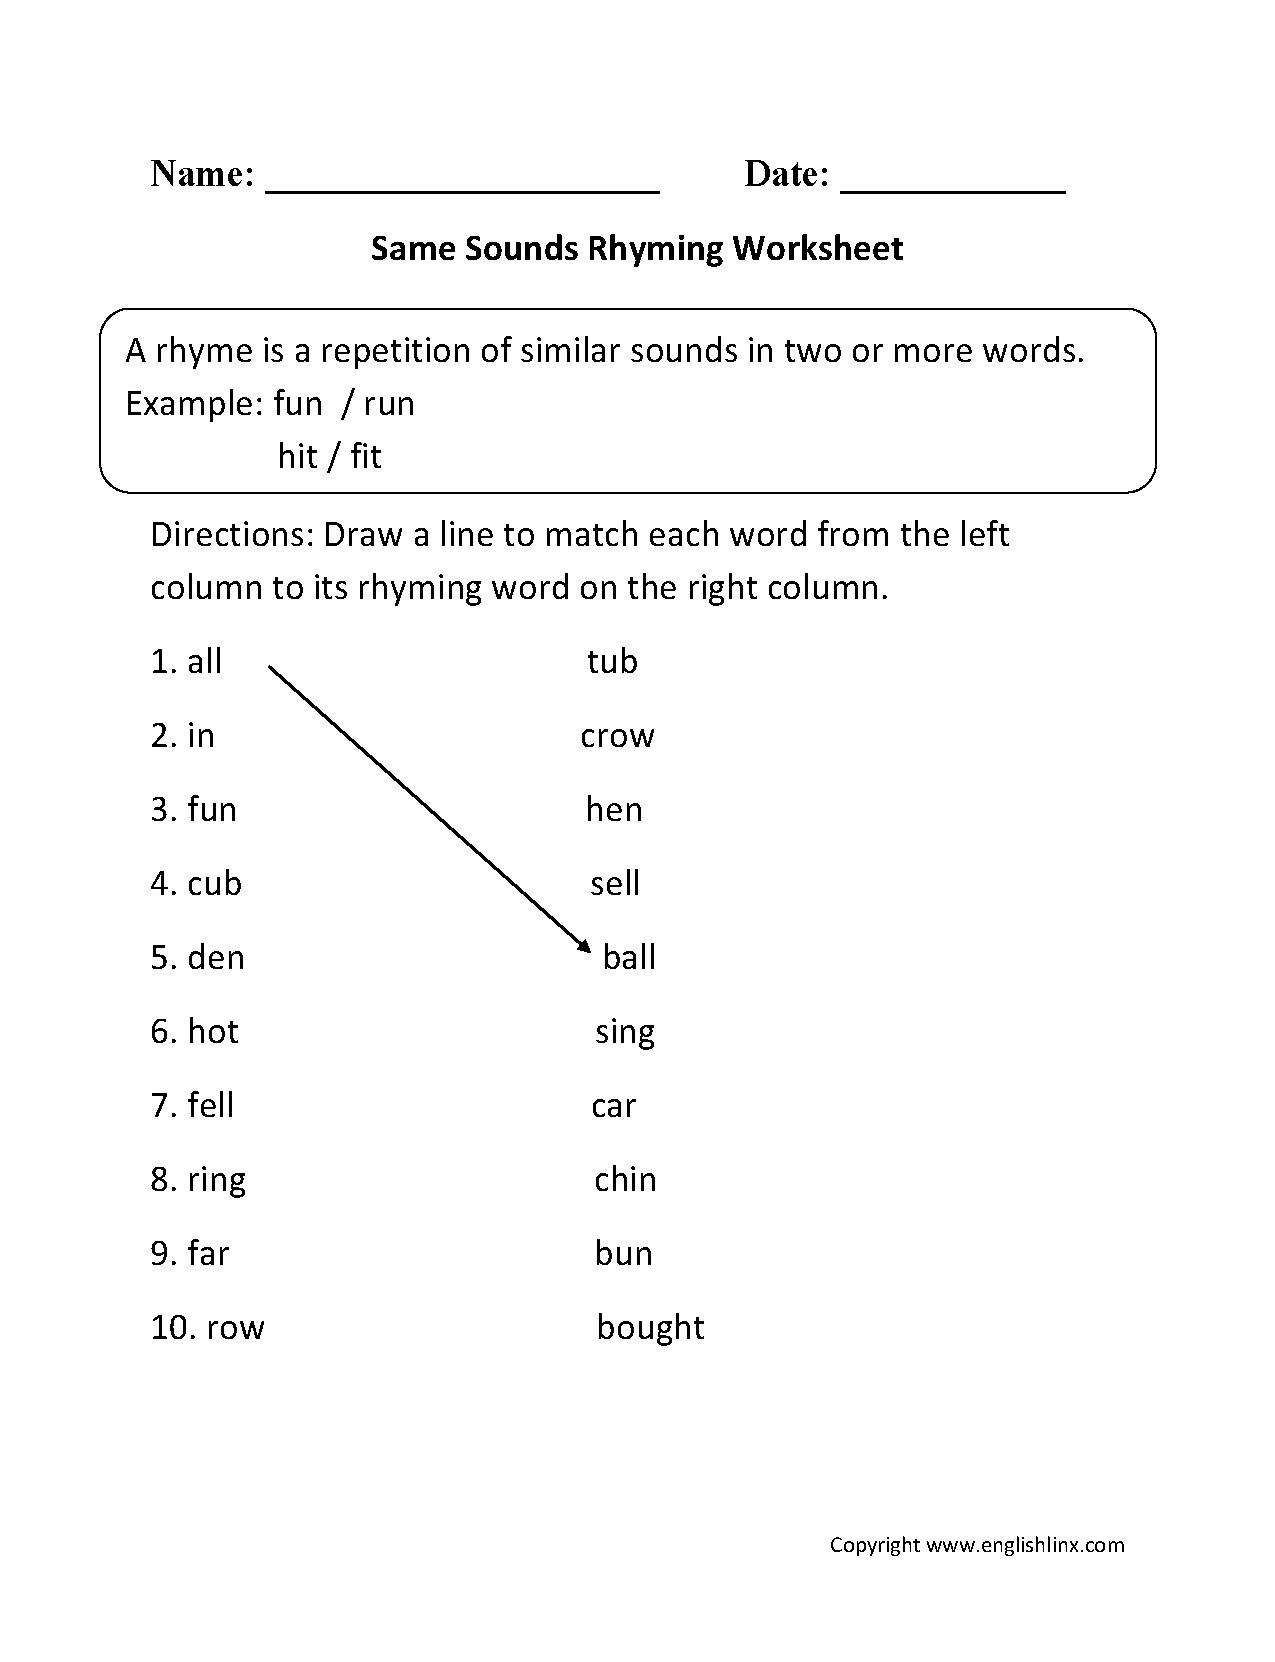 Same Sounds Rhyming Worksheets | Rhyming worksheet, Rhyming ...